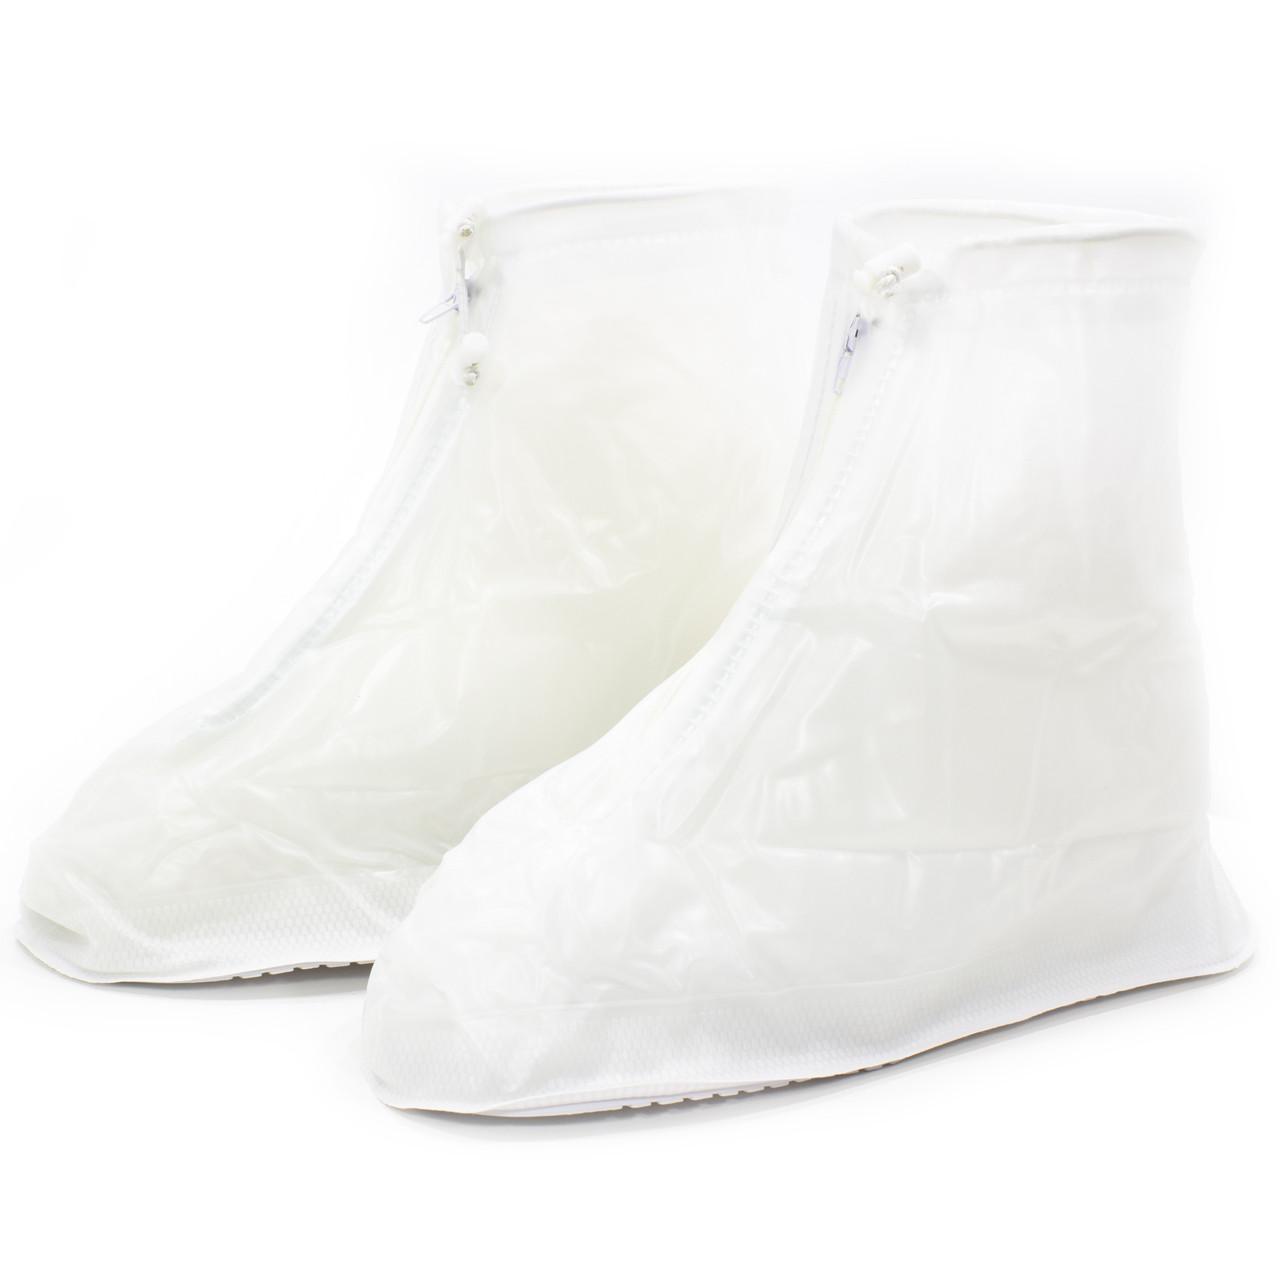 Резиновые чехлы-бахилы на обувь от дождя грязи Lesko SB-101 белый размер S многоразовые